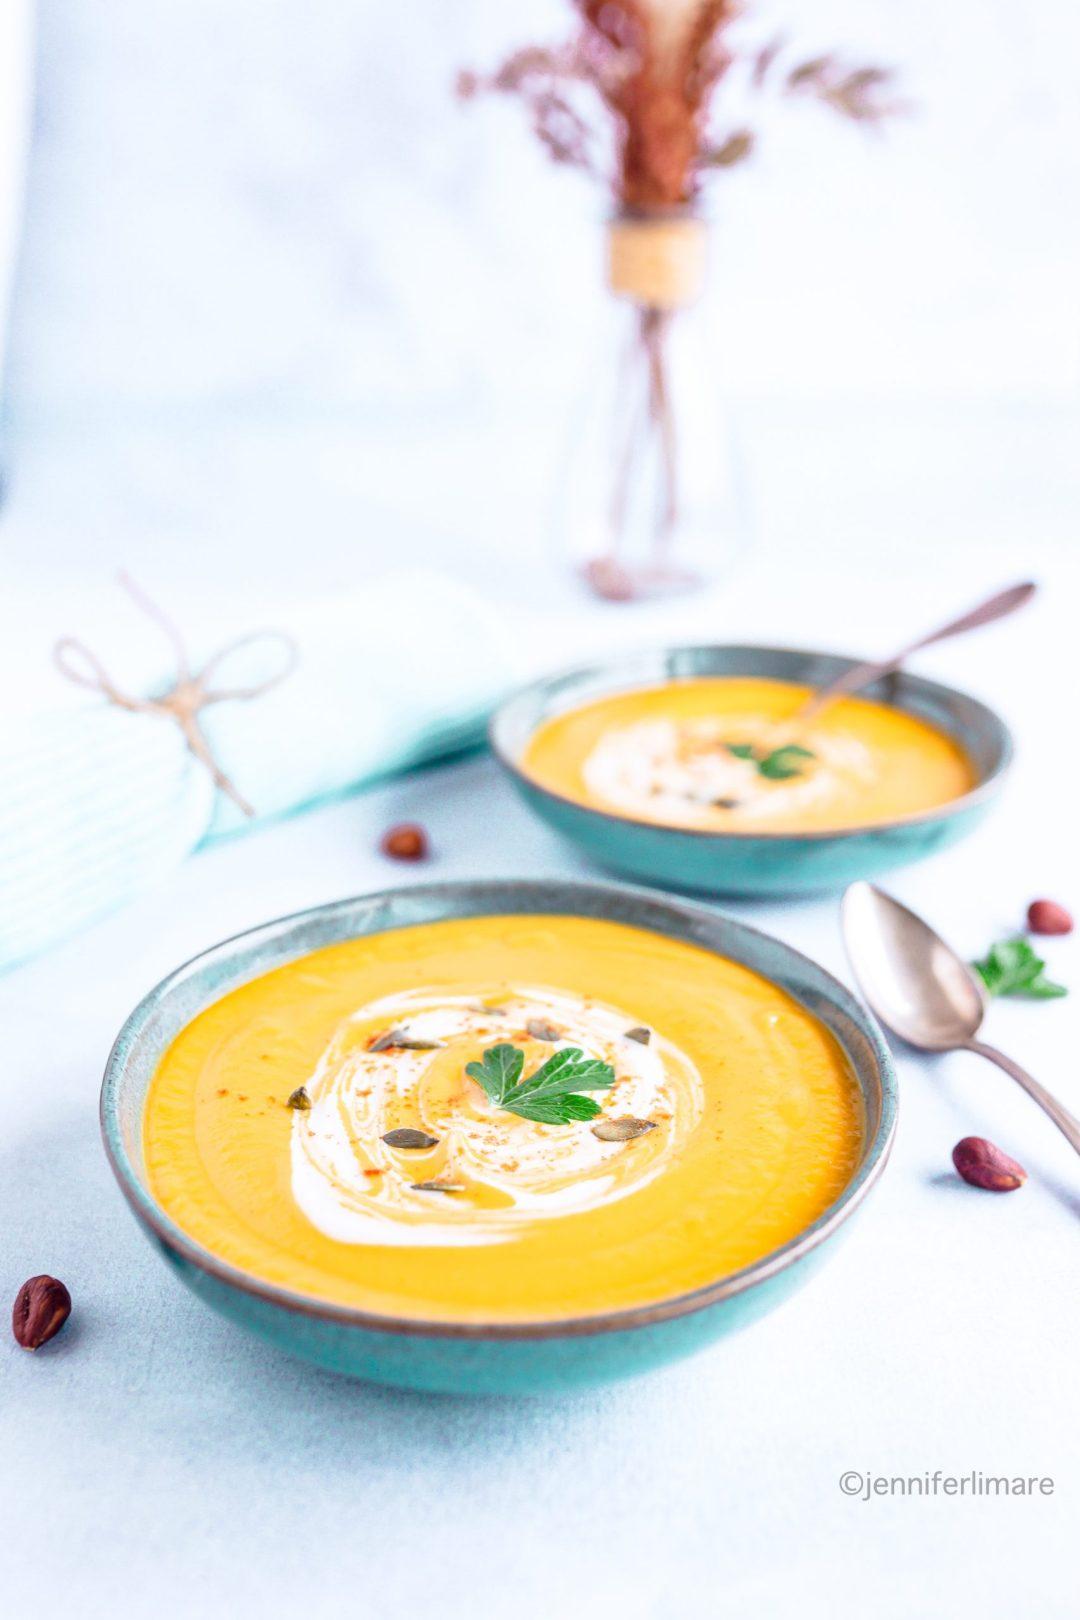 Soupe velouté de patate douce carottes et lait de coco 3